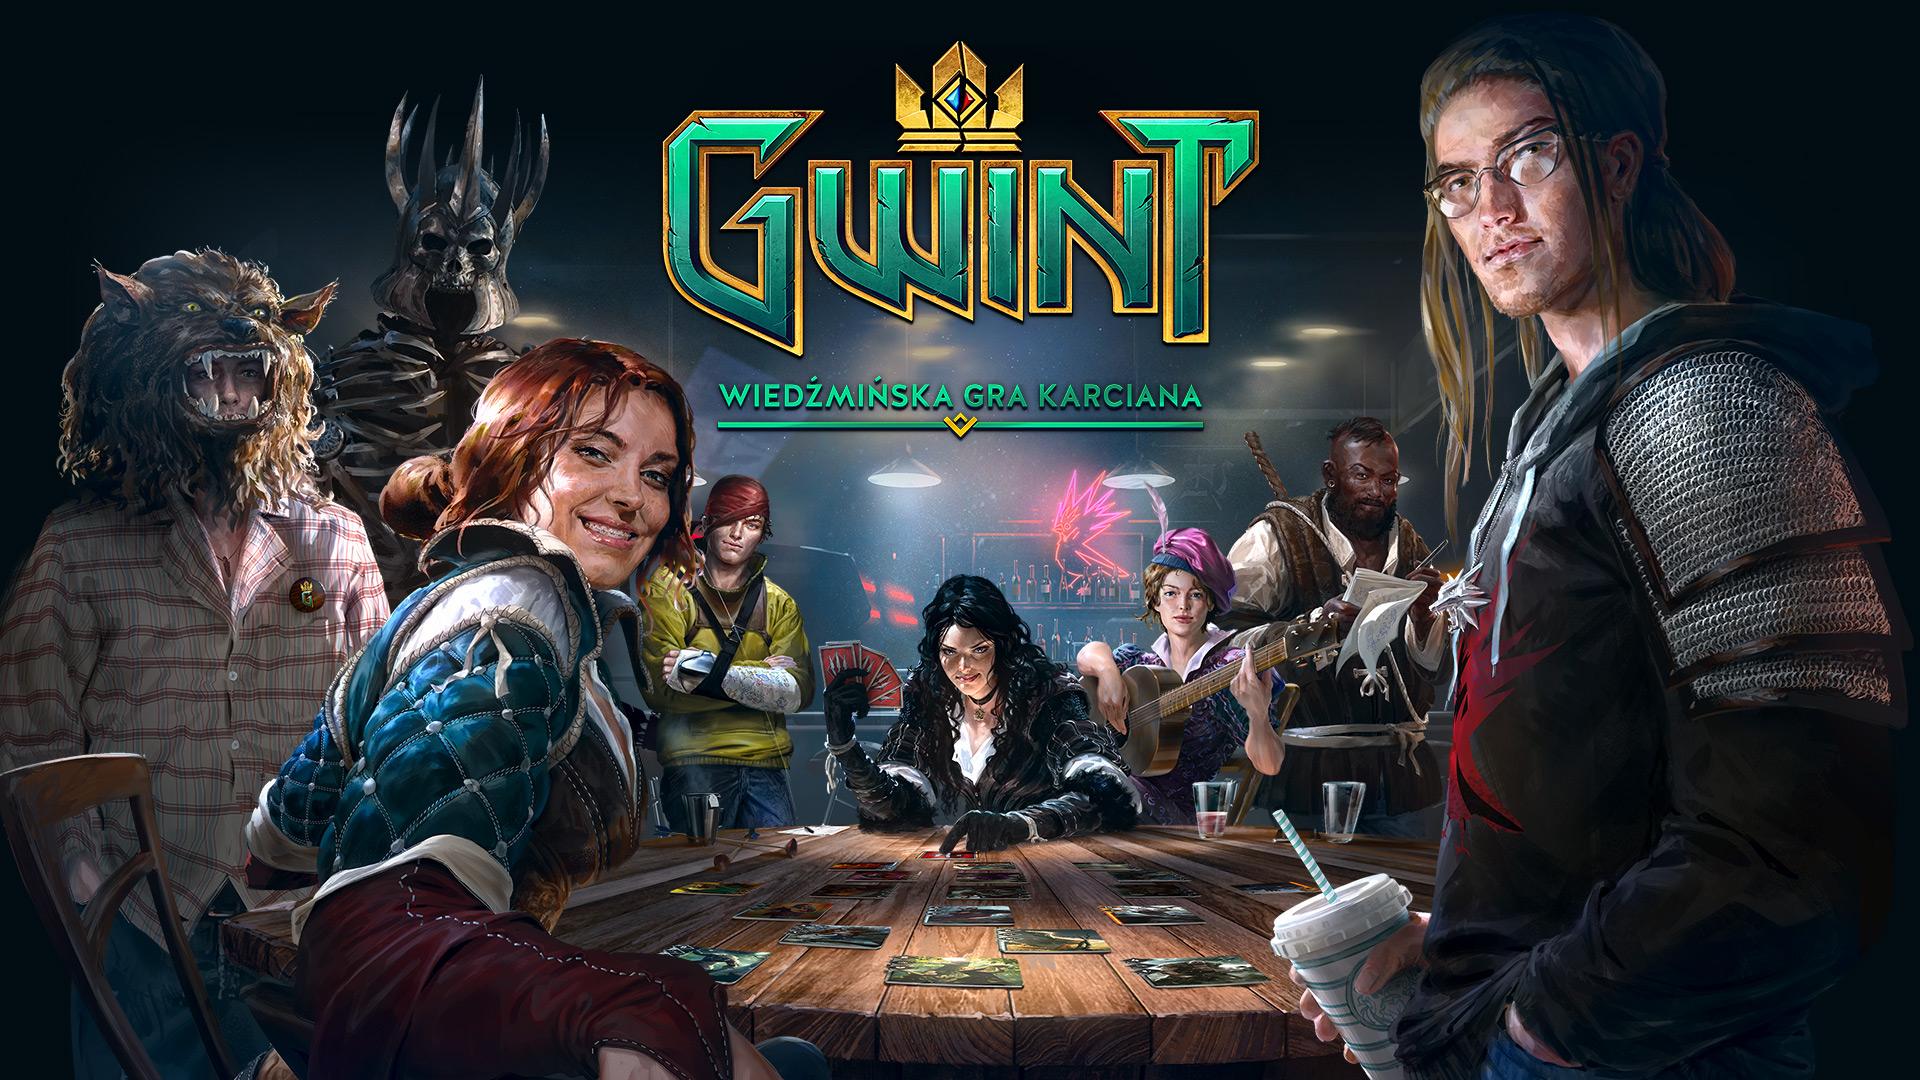 gwint przy stole Gwint   wiedźmińska gra karciana (PC)